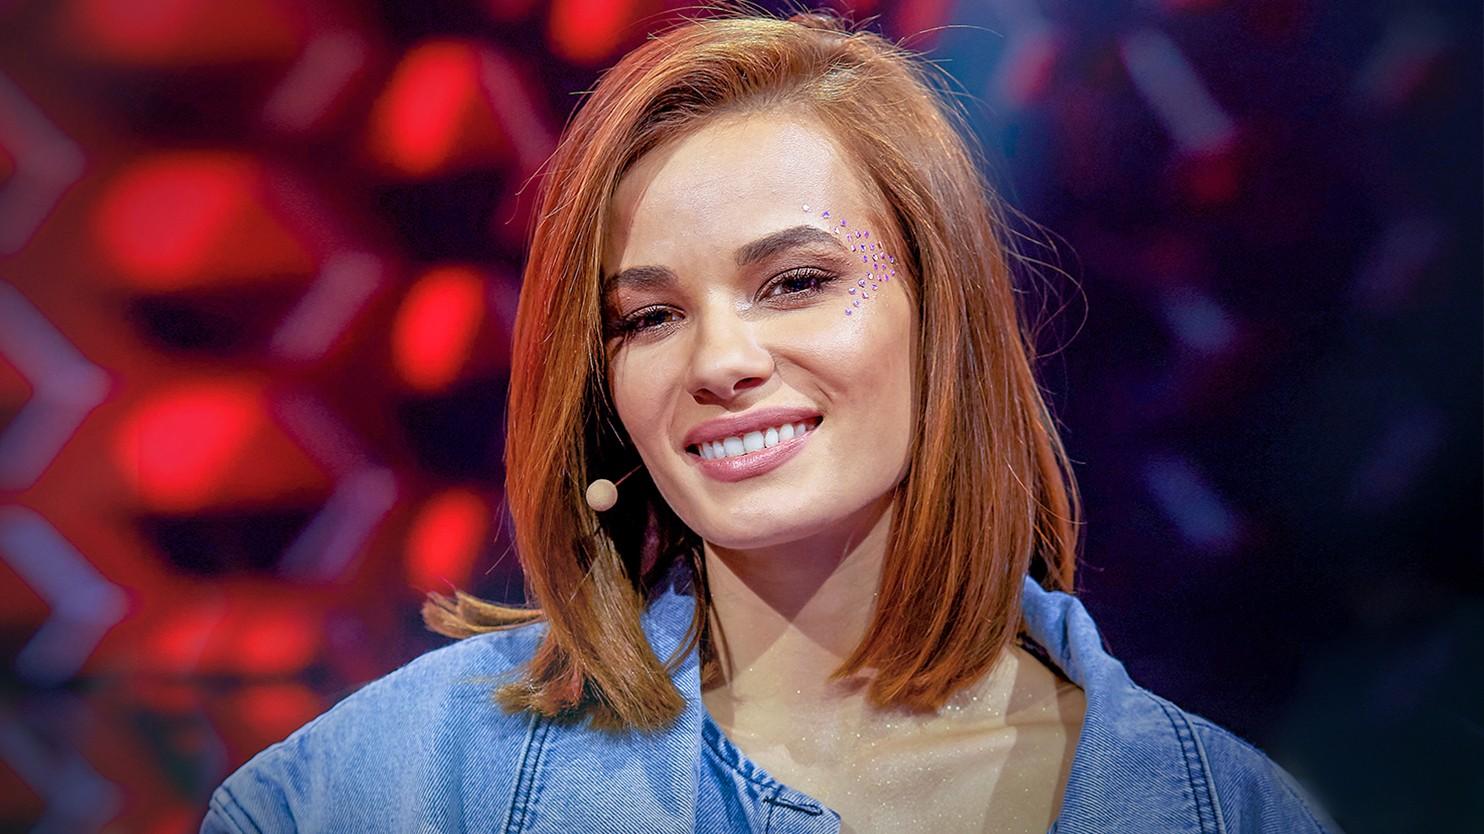 Natalia Szroeder: The Four ma bardzo wysoki poziom - Polsat.pl